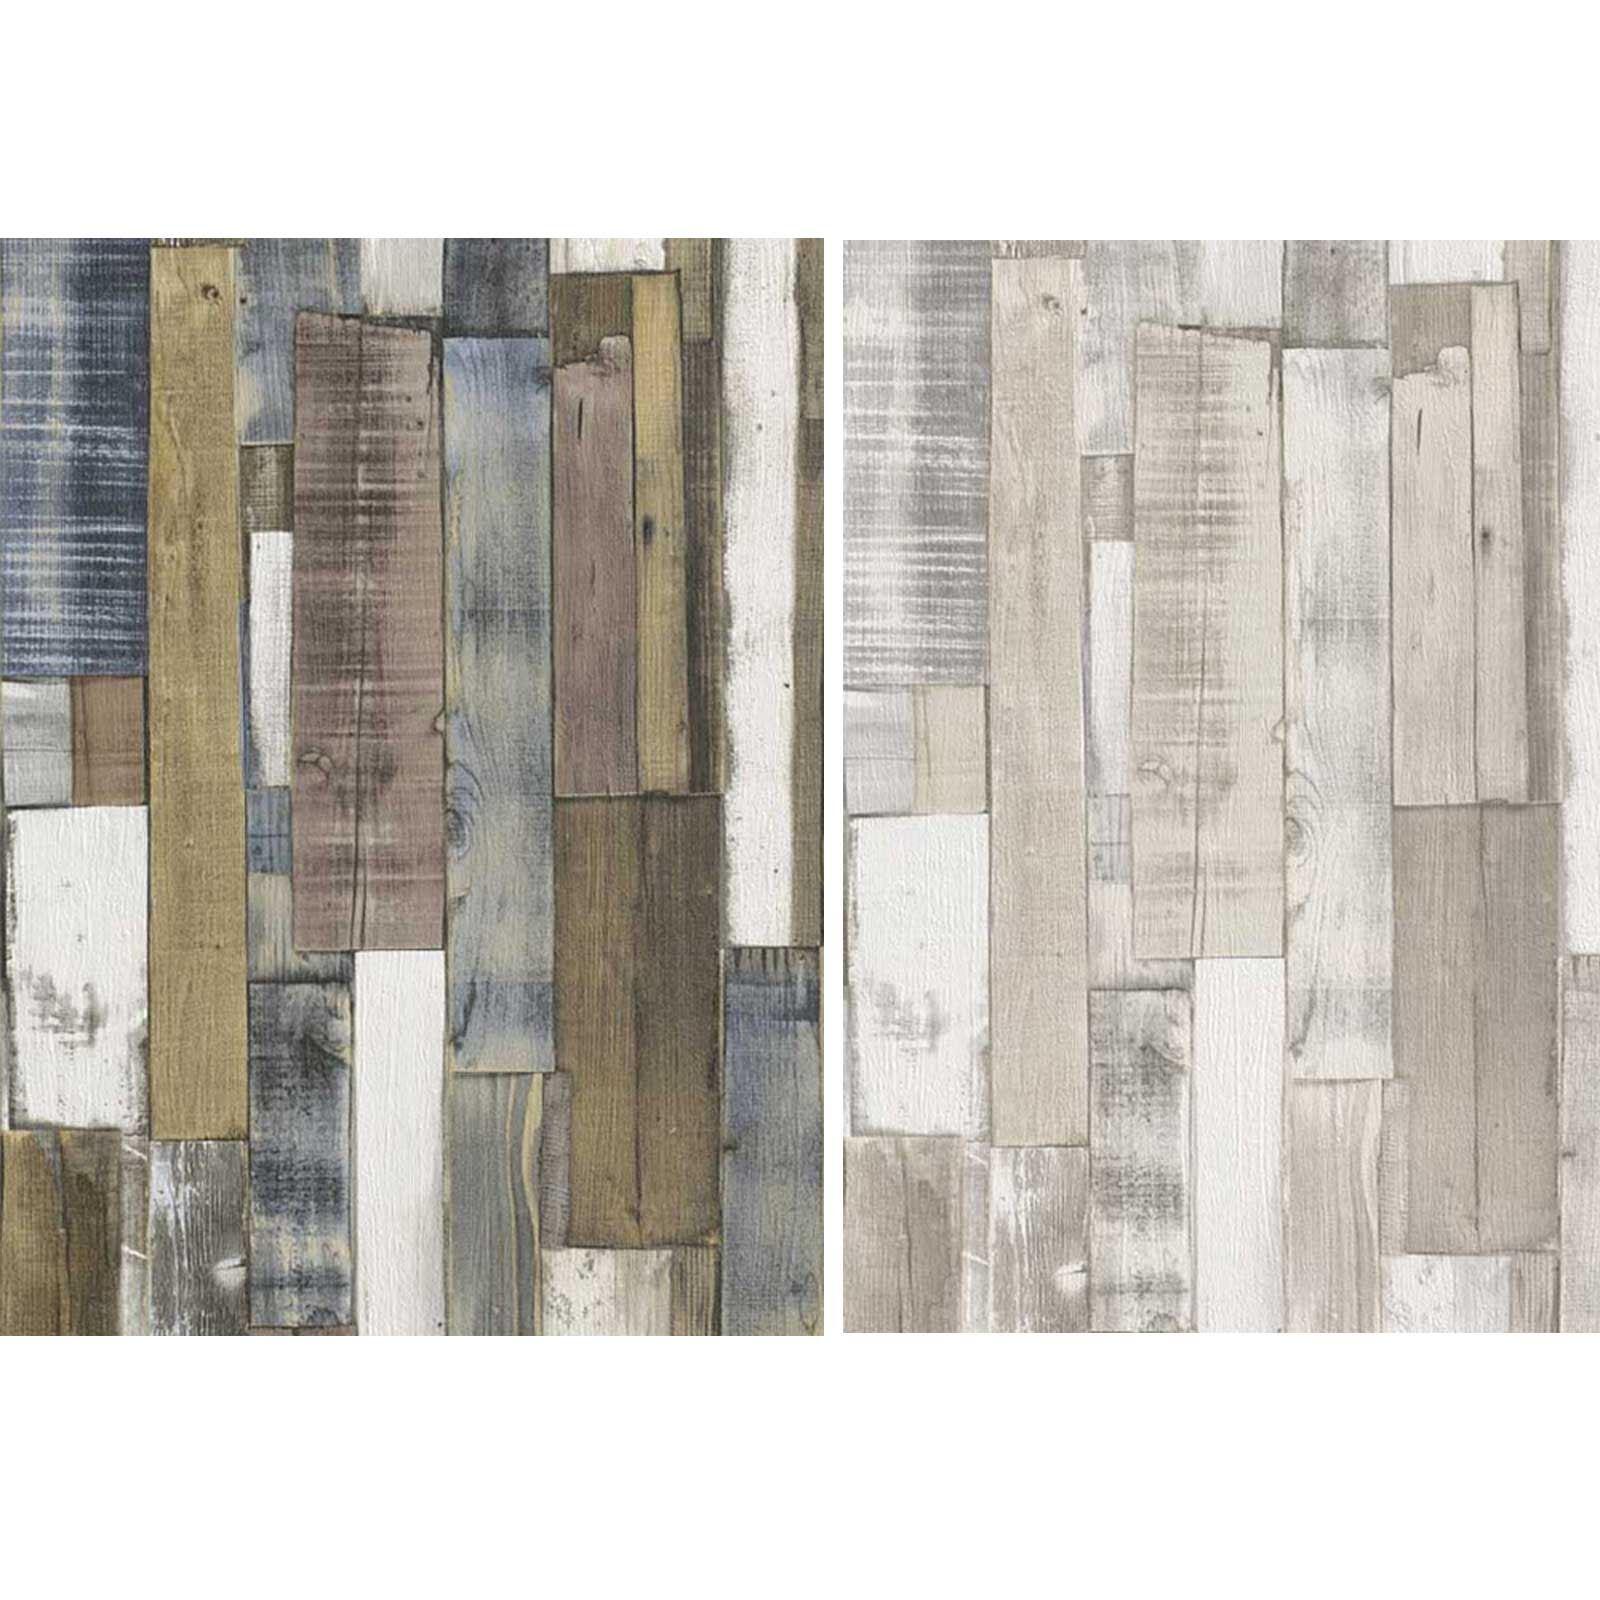 moderne textur en bois panneau tableau papier peint effet naturelle ebay. Black Bedroom Furniture Sets. Home Design Ideas